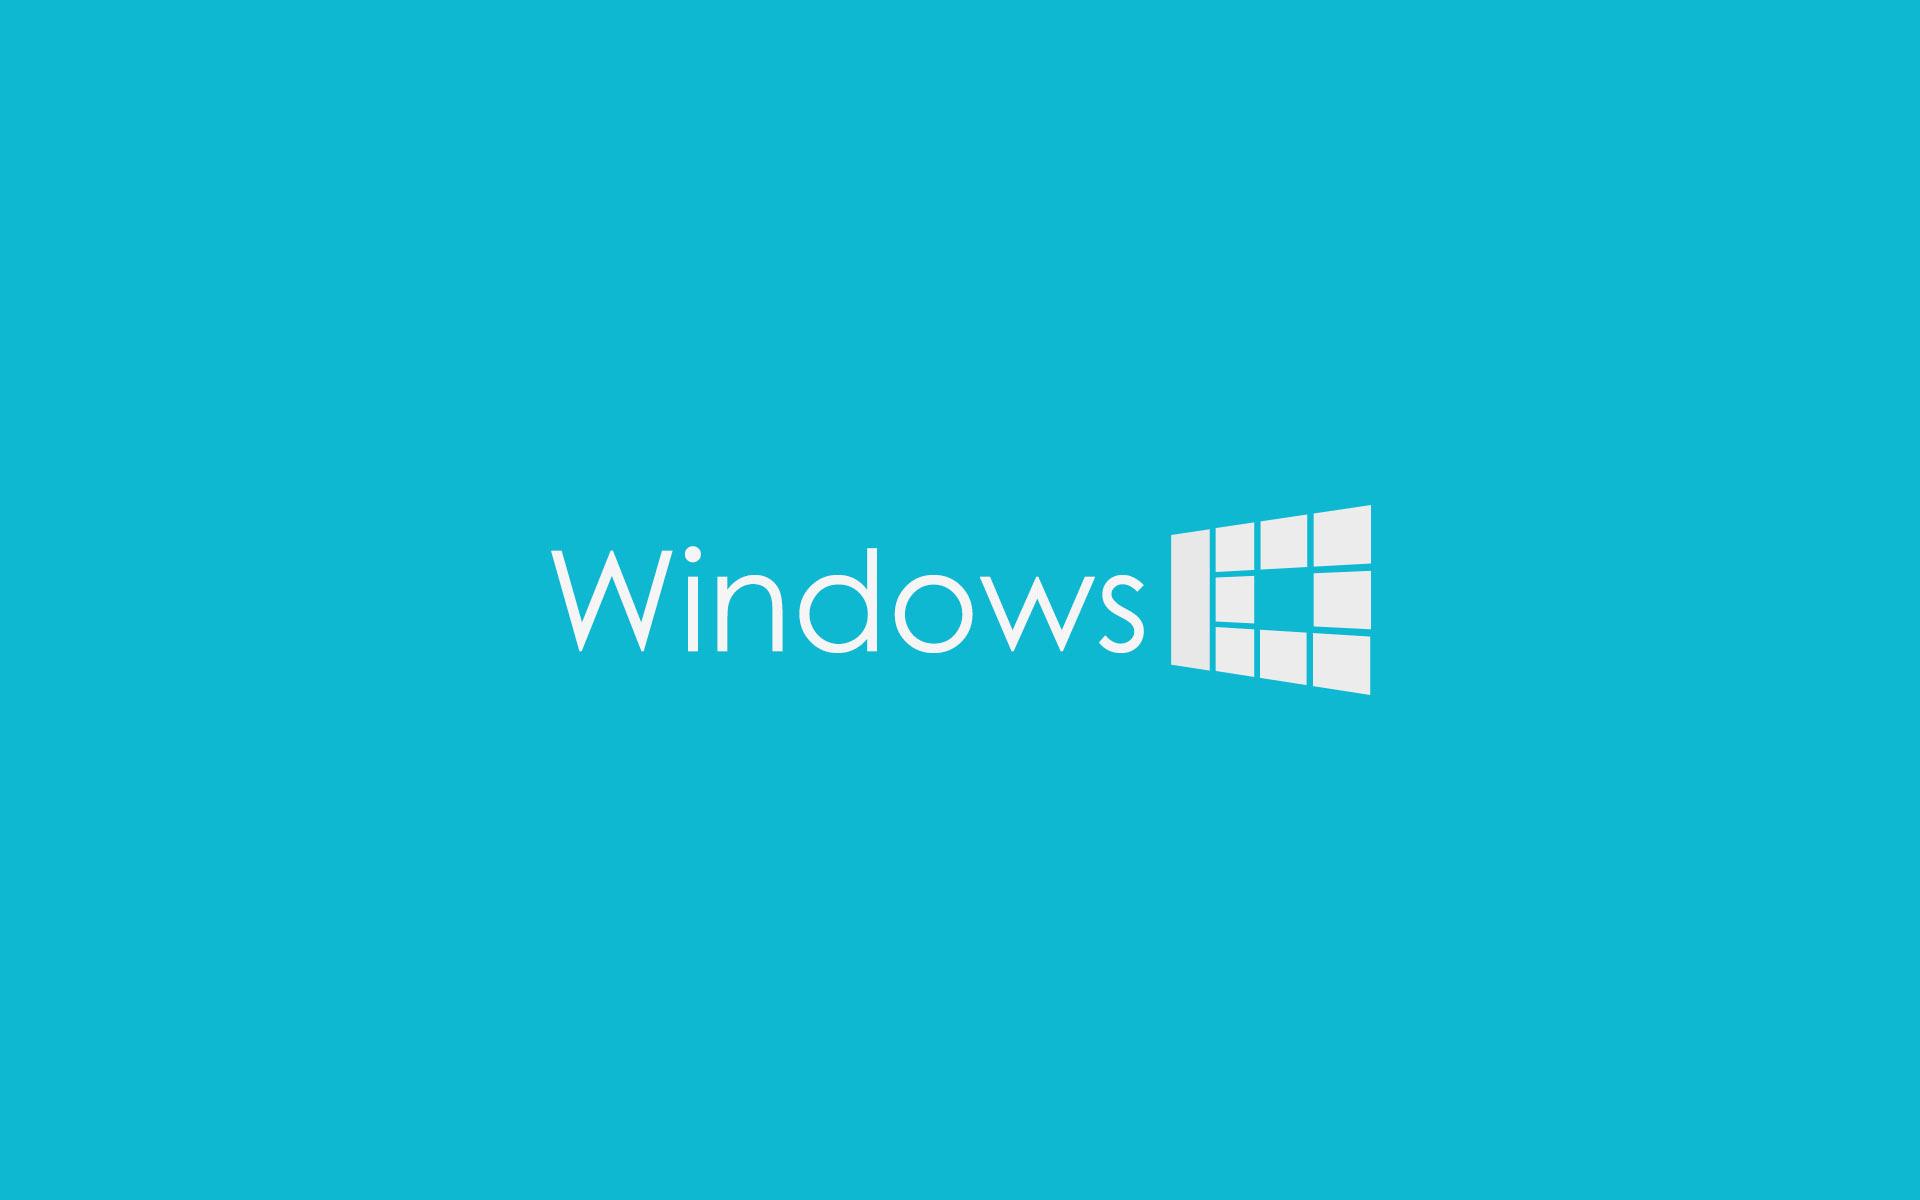 Windows 10 wallpapers hd pack wallpapersafari - Windows 8 1 wallpaper hd nature ...